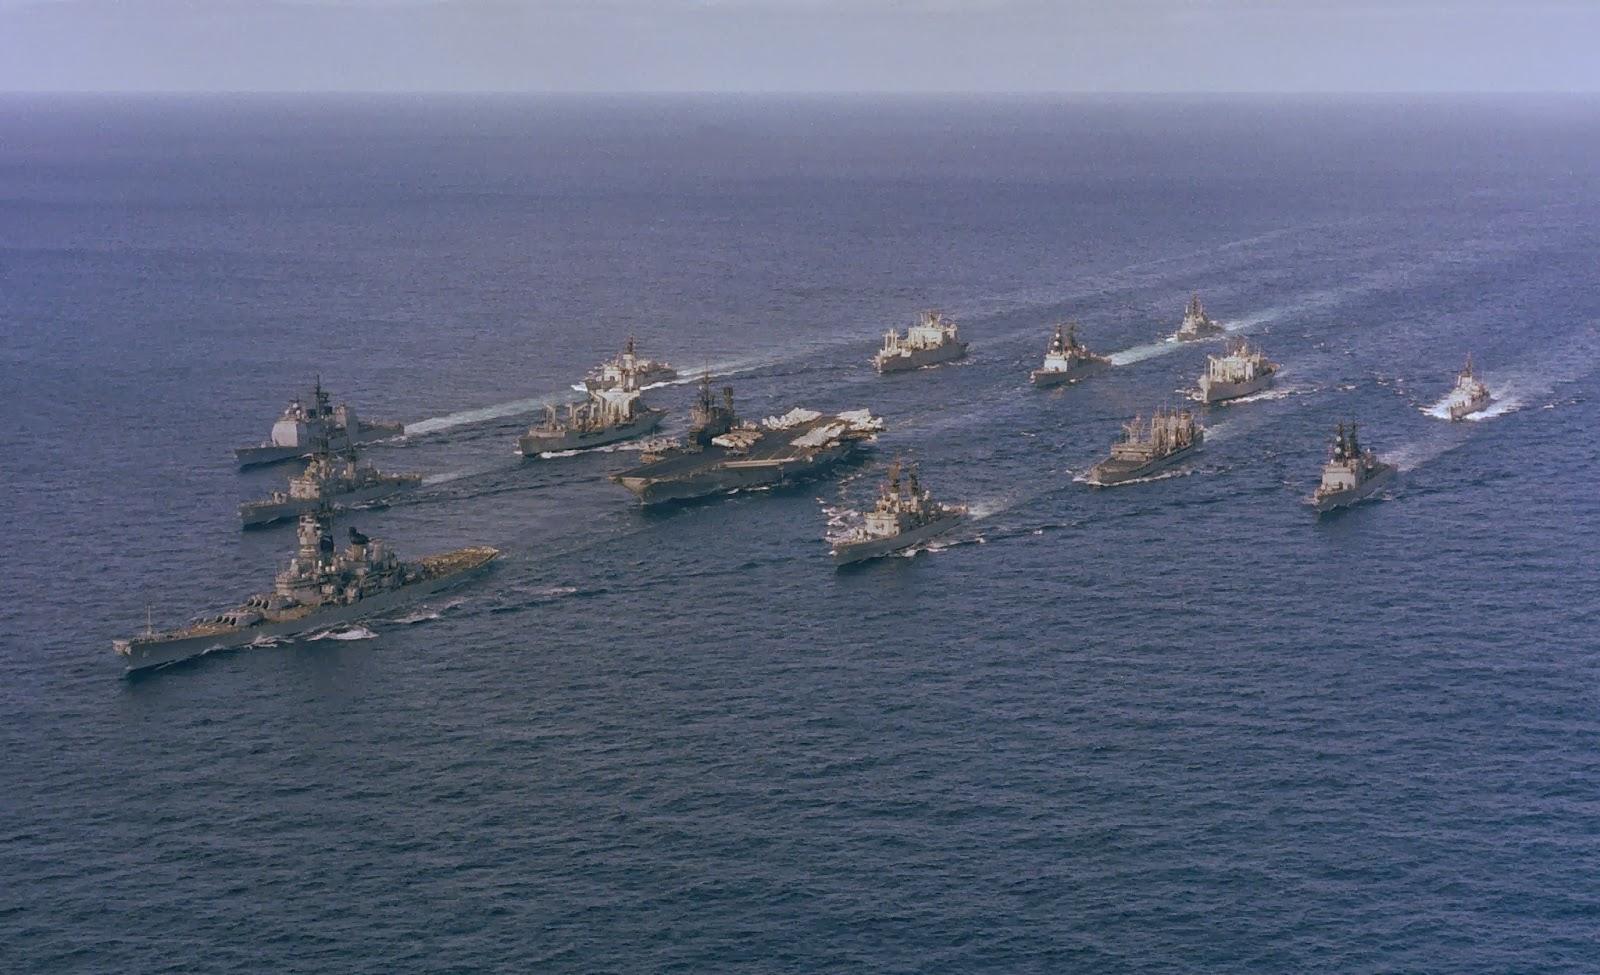 battleship battle group u s s iowa in lead  [ 1600 x 975 Pixel ]